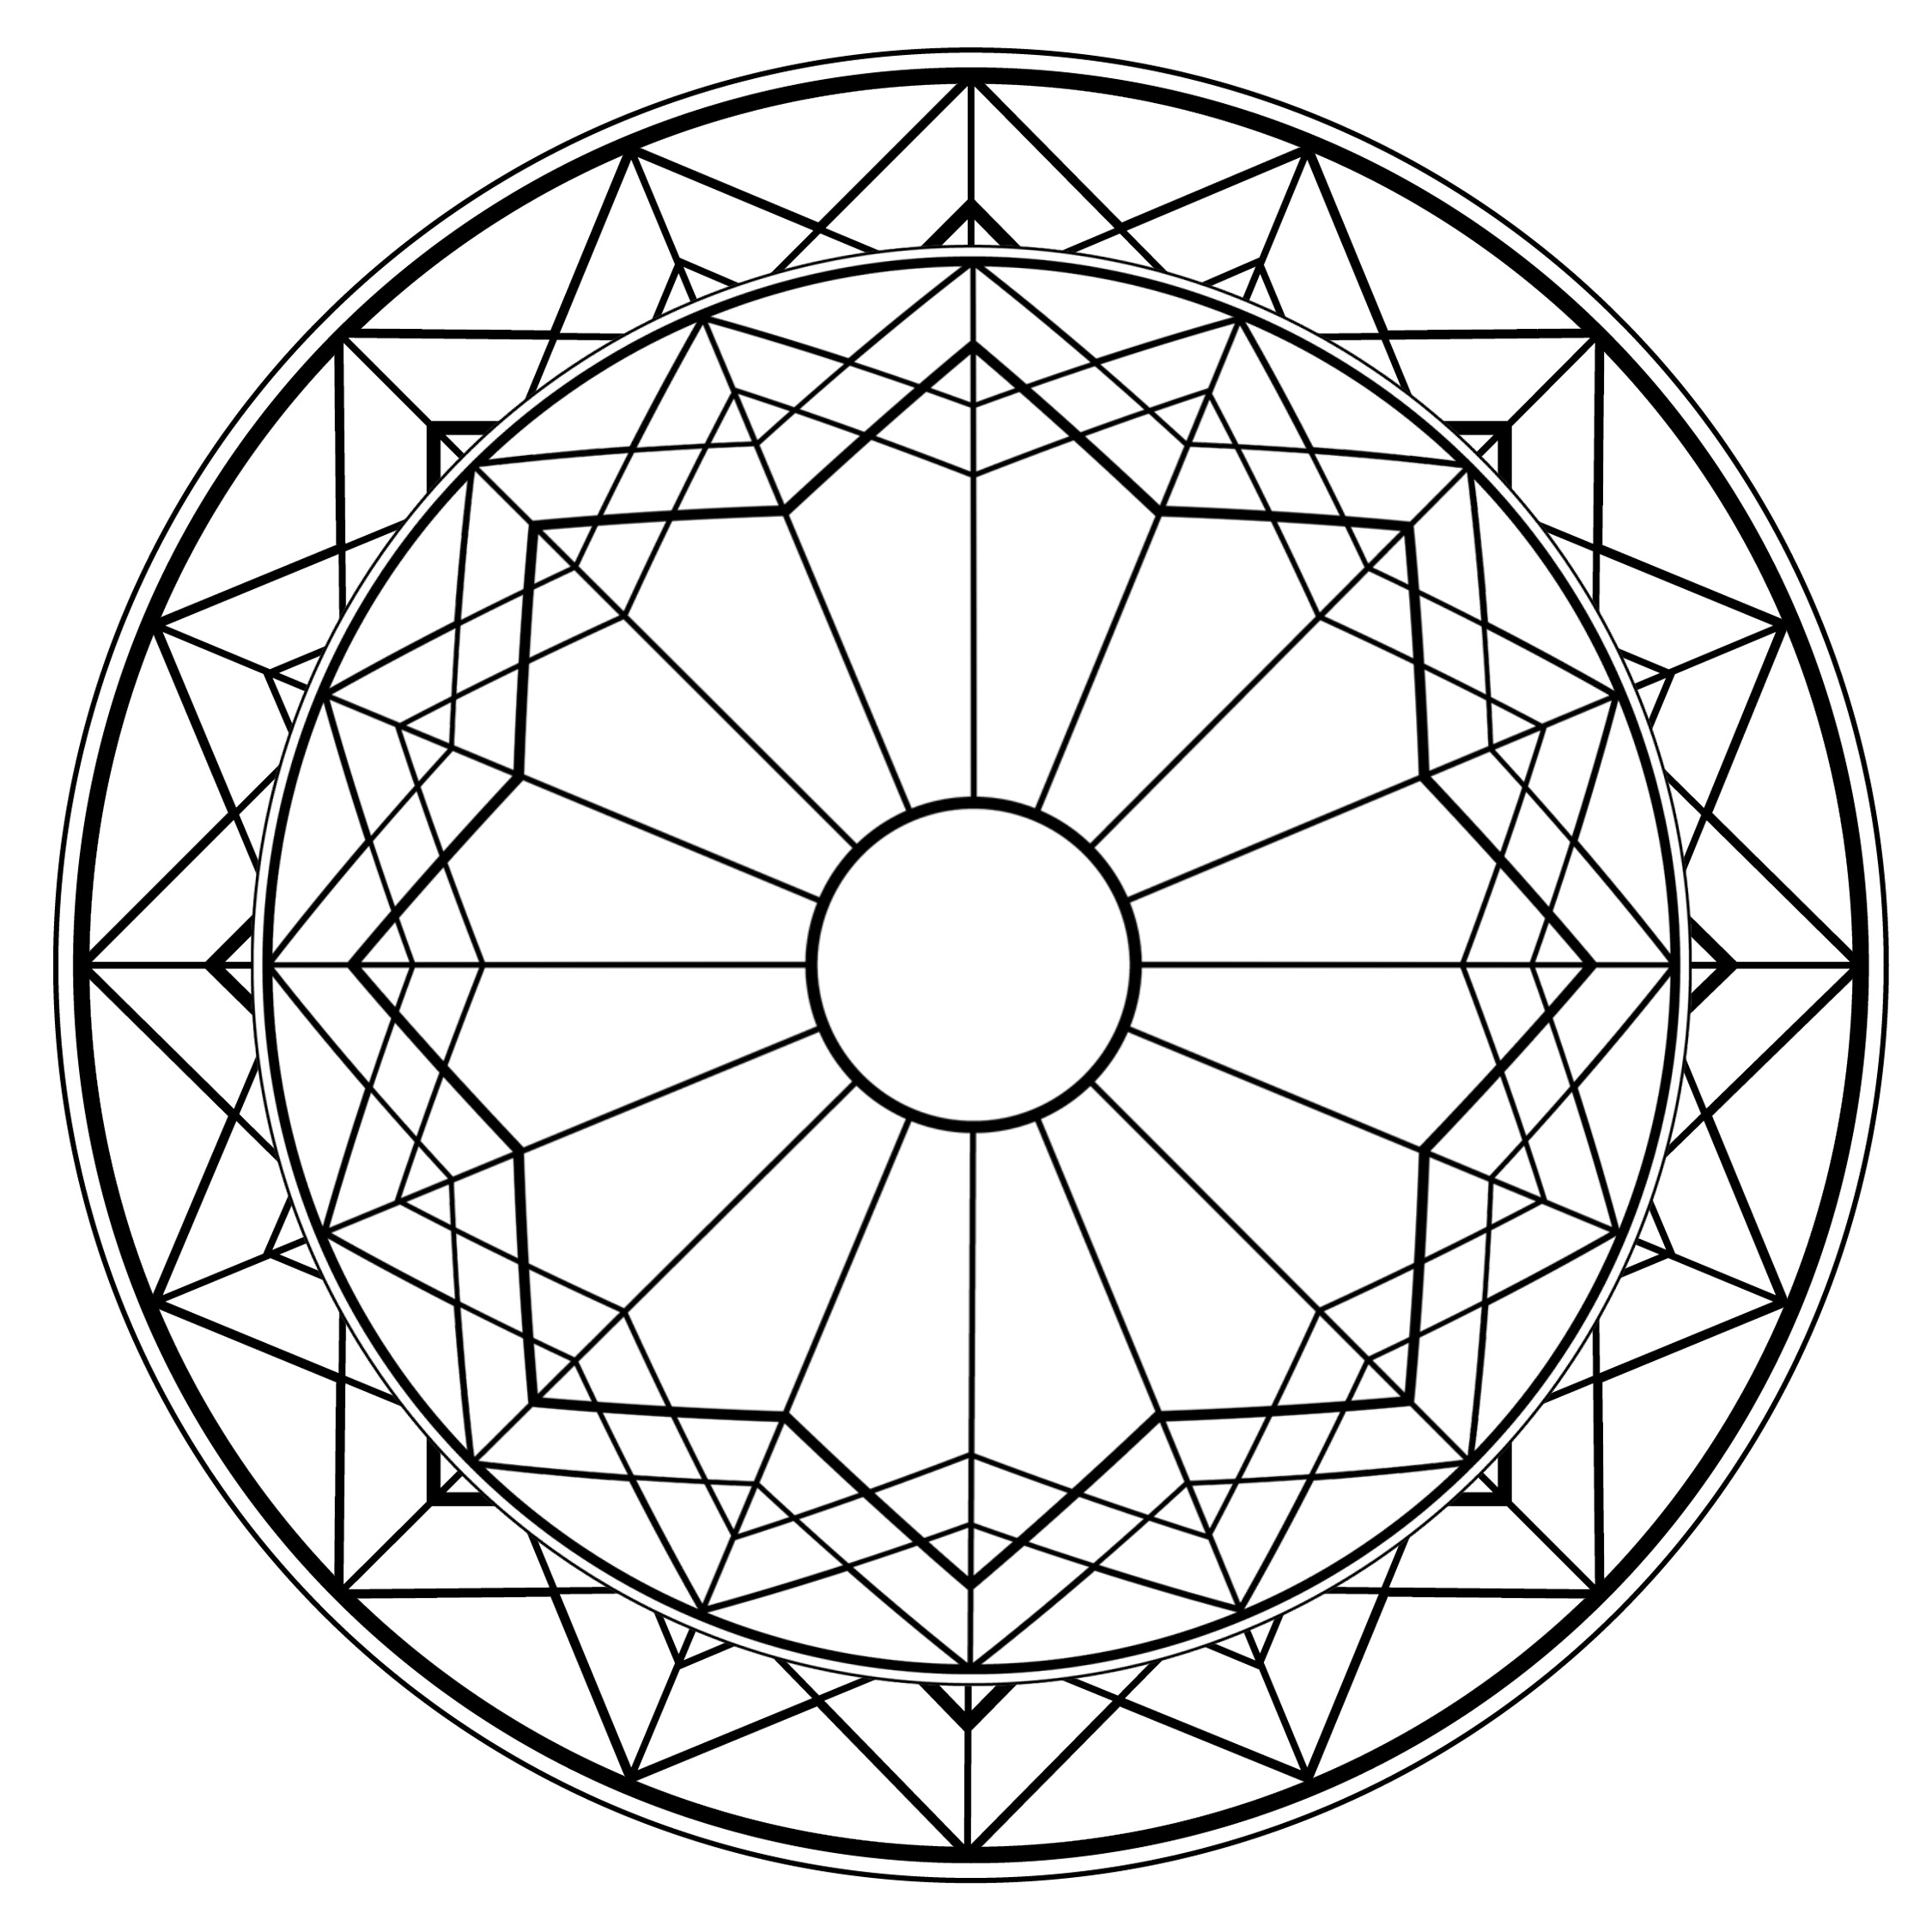 Imagens para colorir em alta 2 - Mandalas para Colorir em Alta Qualidade